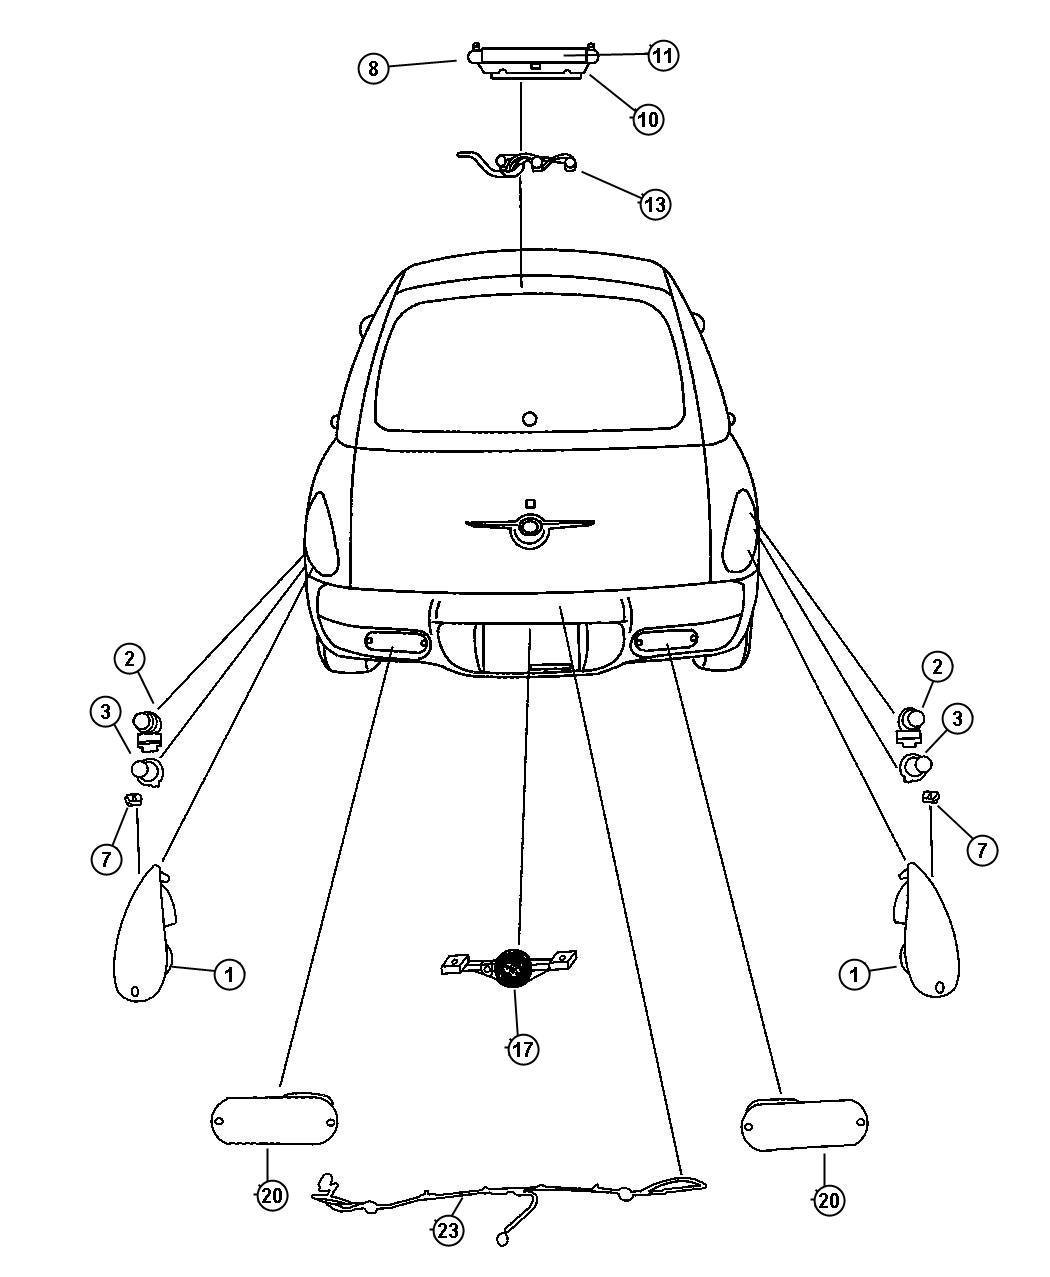 2003 Chrysler PT Cruiser Lamp. Backup. Export. Lamps, rear